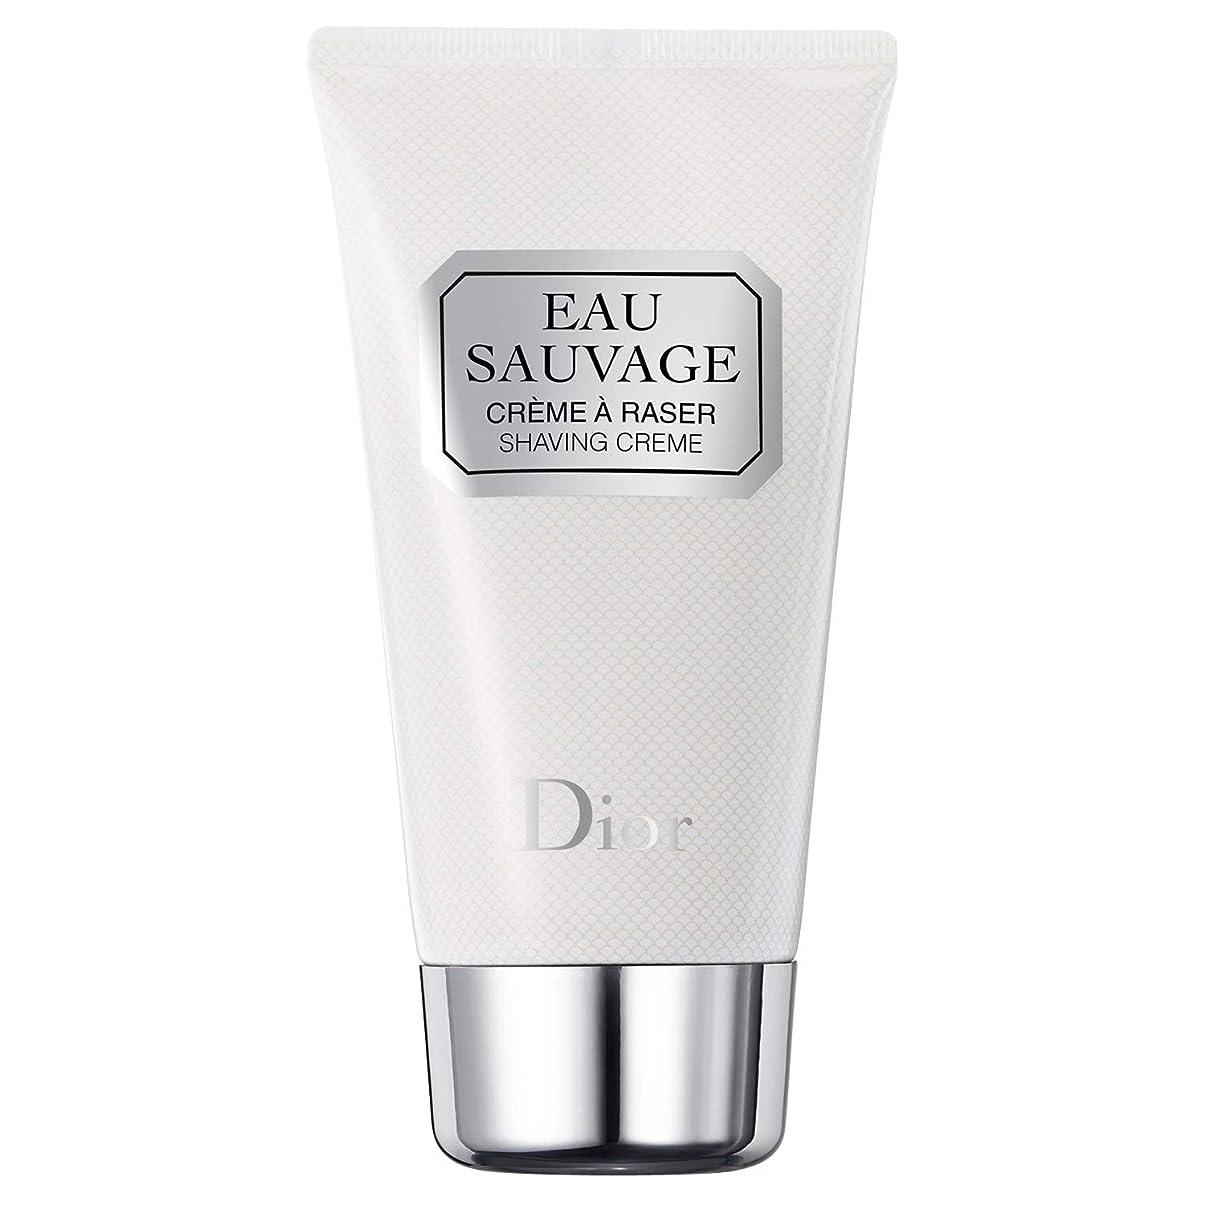 ダンプまとめる童謡[Dior] ディオールオーソバージュシェービングクリーム125ミリリットル - Dior Eau Sauvage Shaving Cream 125ml [並行輸入品]